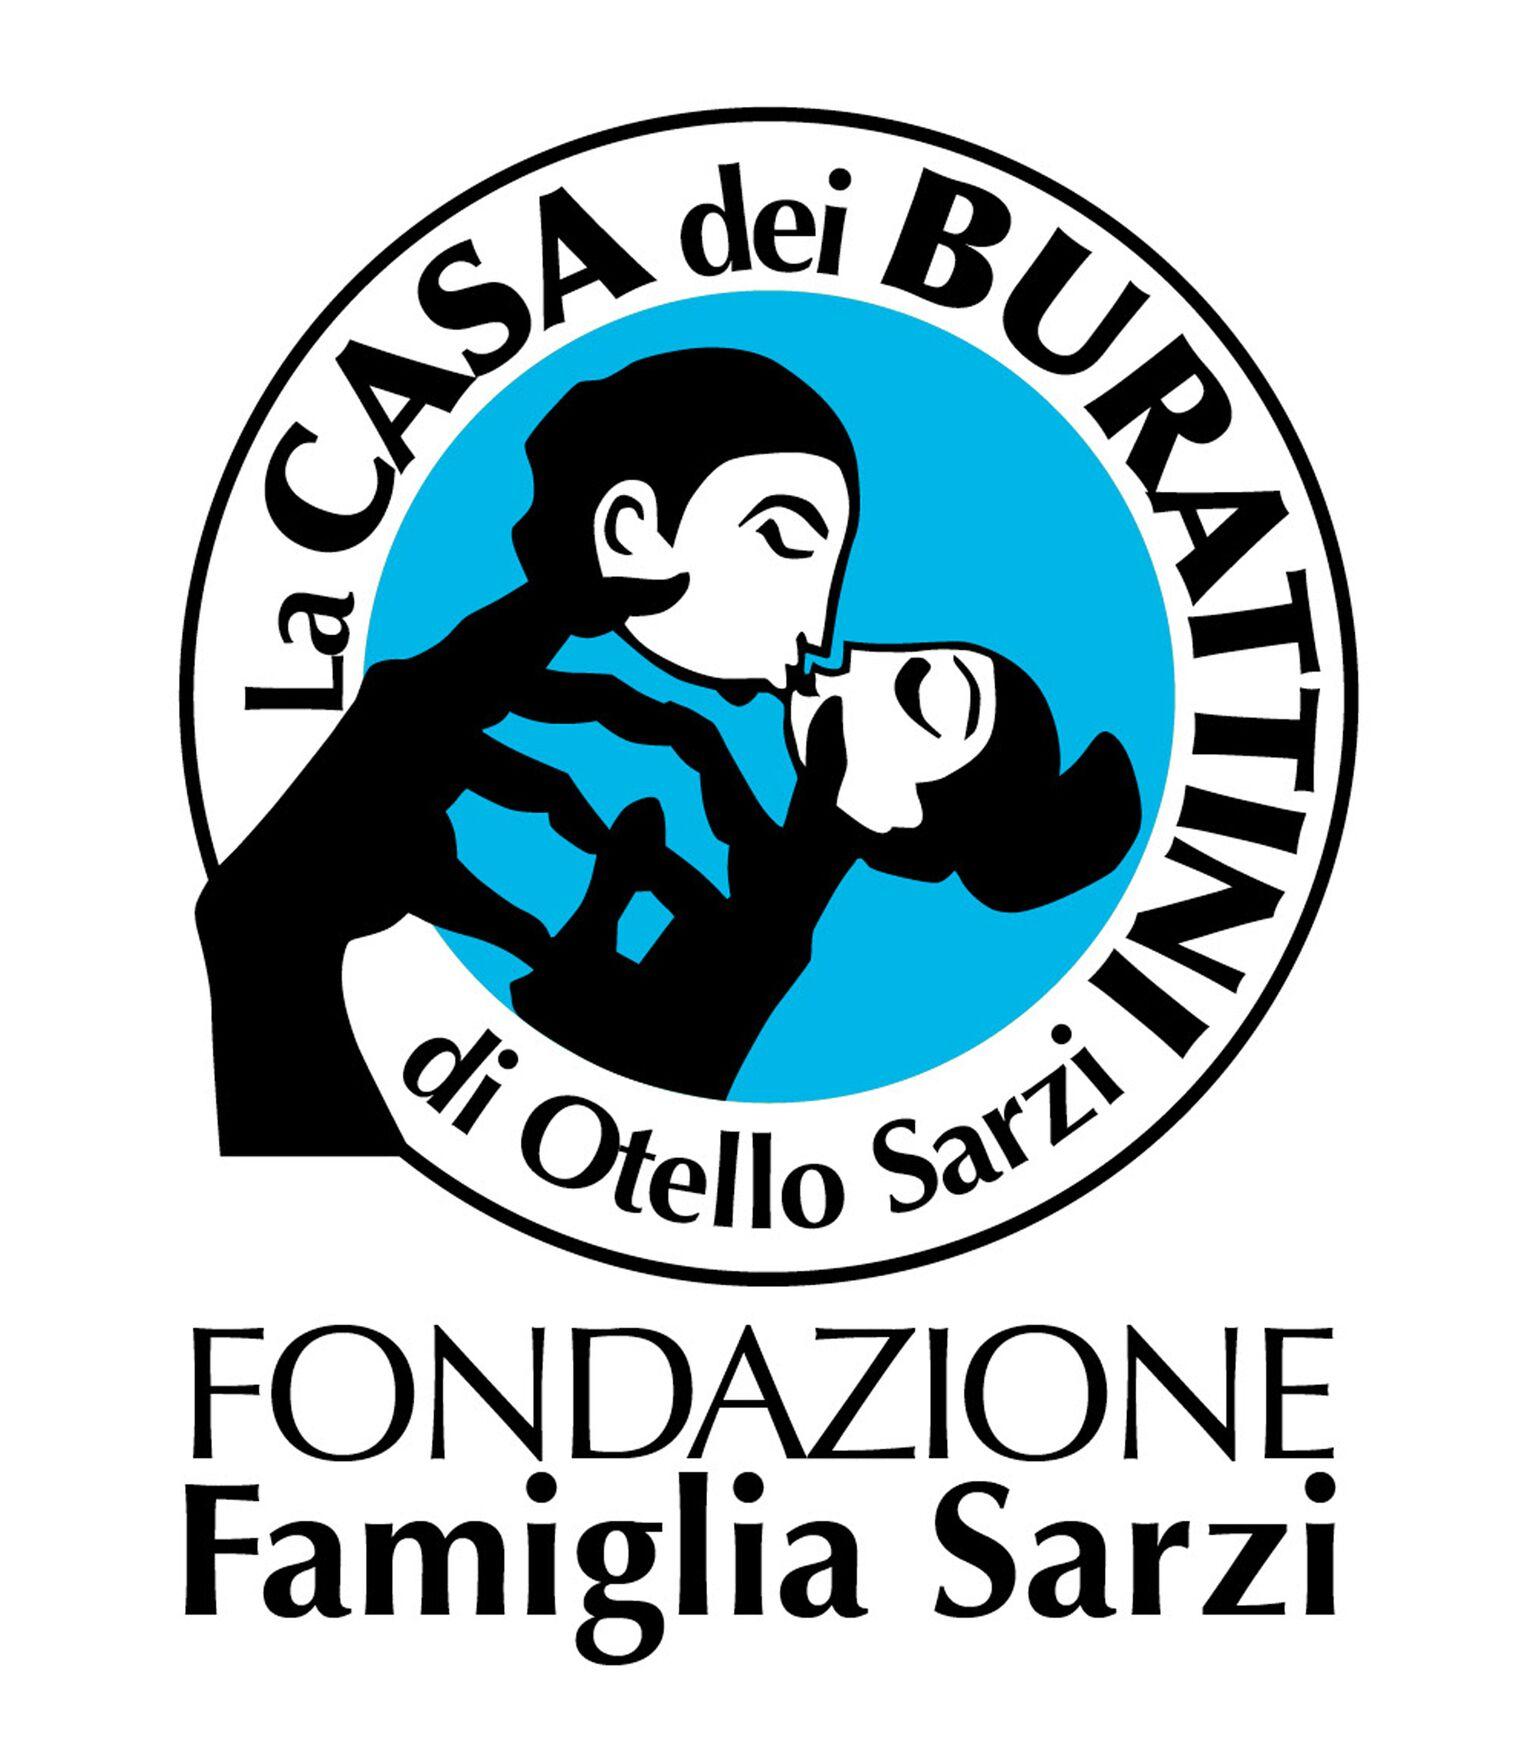 Logo de La Casa dei Burattini di Otello Sarzi, Fondazione Famiglia Sarzi. Photo réproduite avec l'aimable autorisation de Fondazione Famiglia Sarzi (Reggio Emilia, Italie)